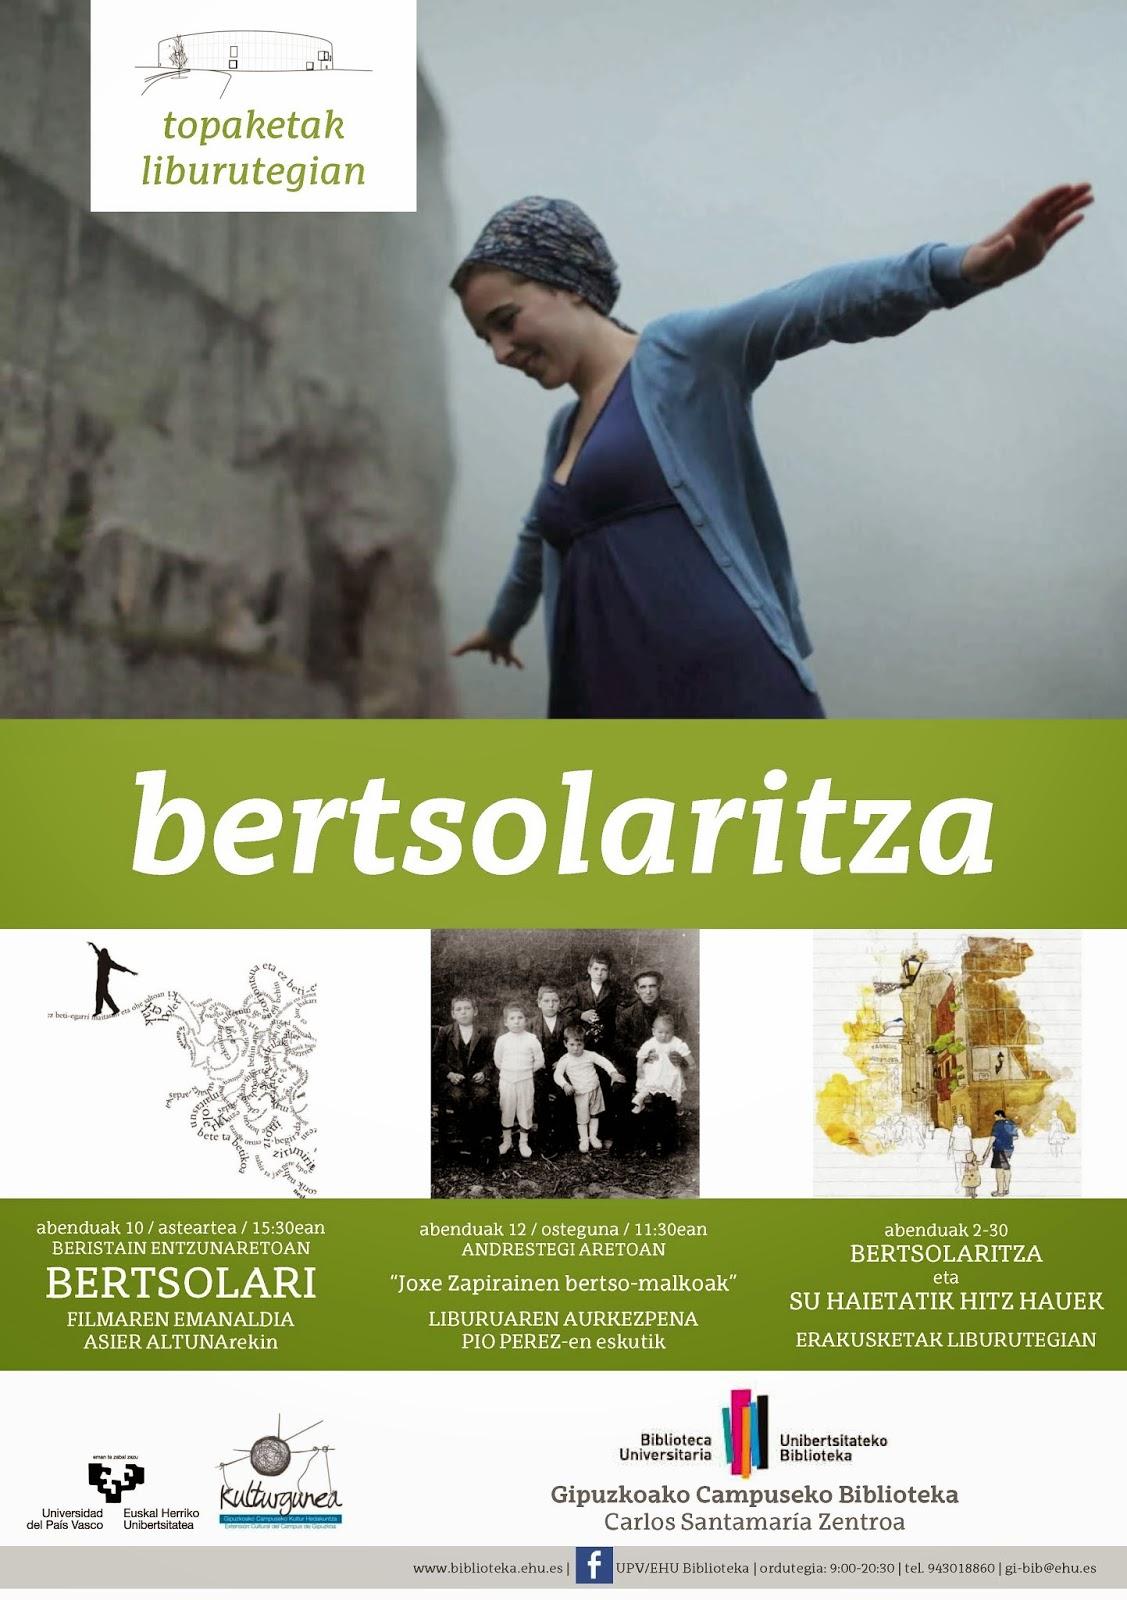 Topaketak Libututegian: Bertsolaritza